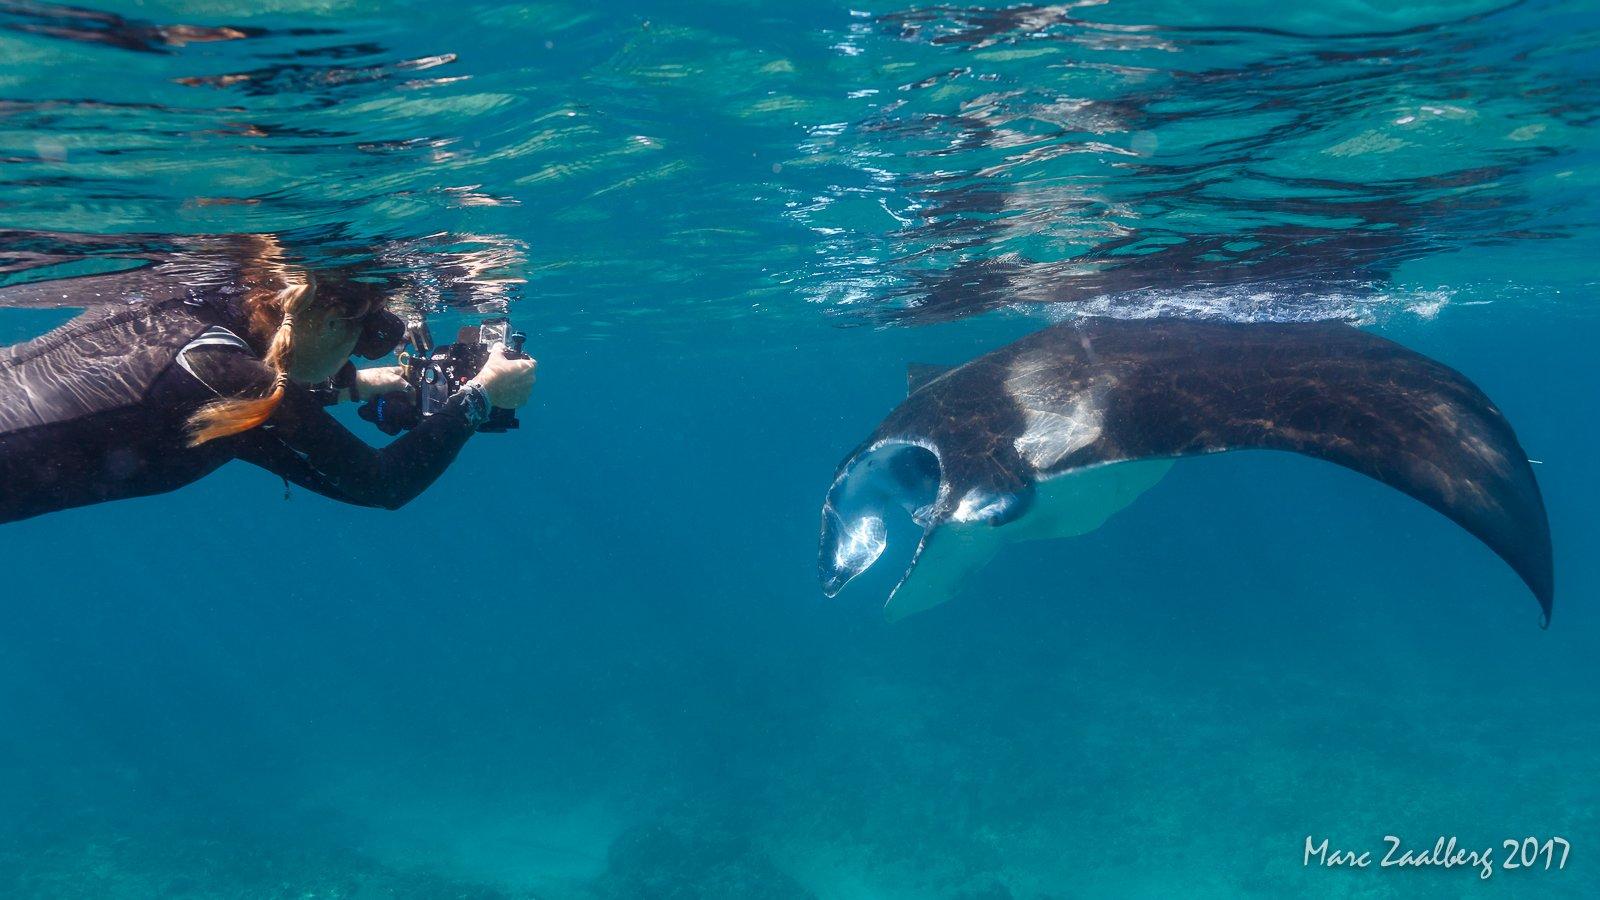 Manta rays feeding near the surface